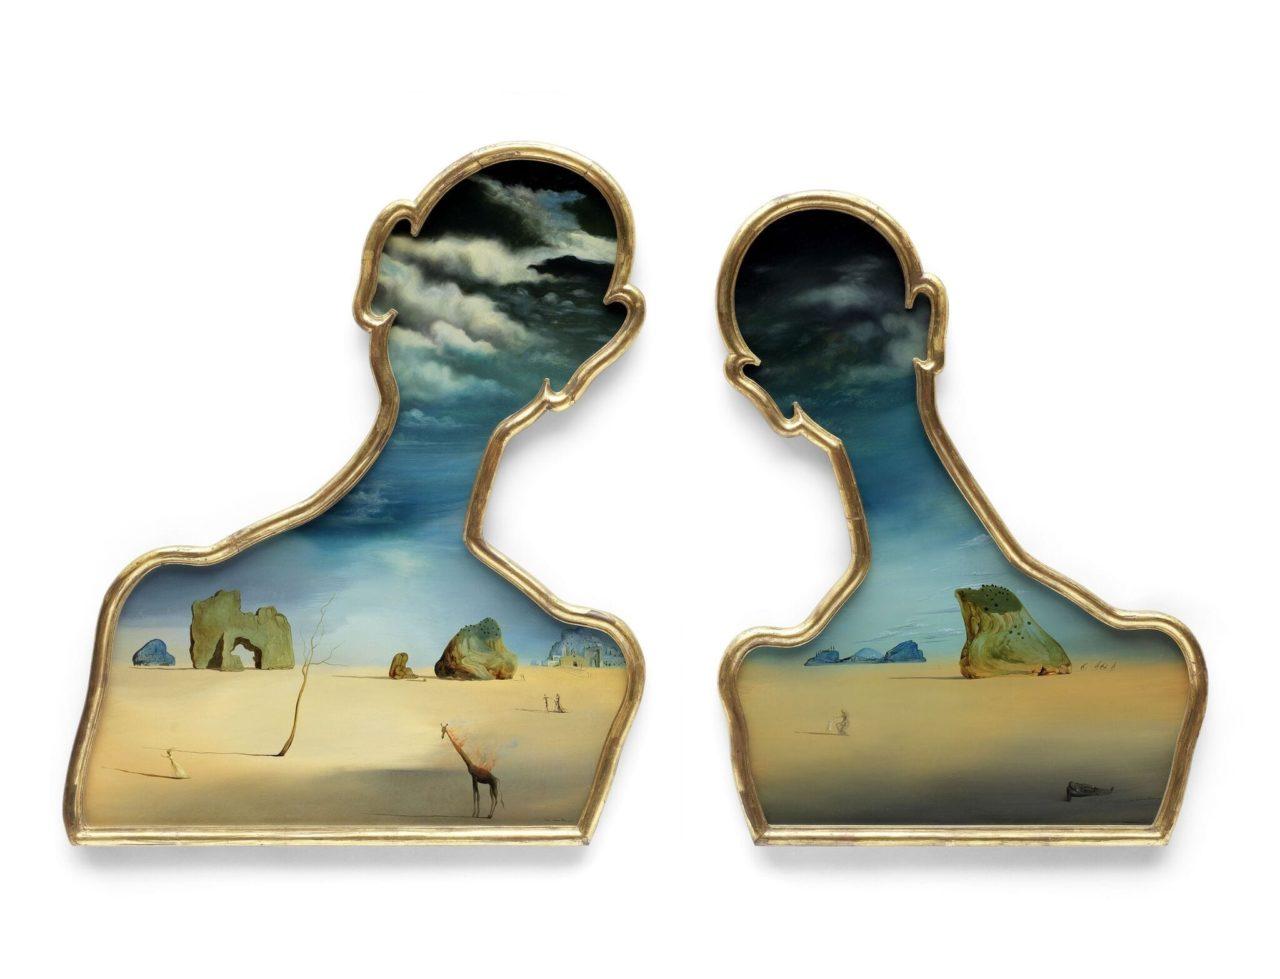 Subastan obra surrealista de Salvador Dalí por más de 7 millones de dólares